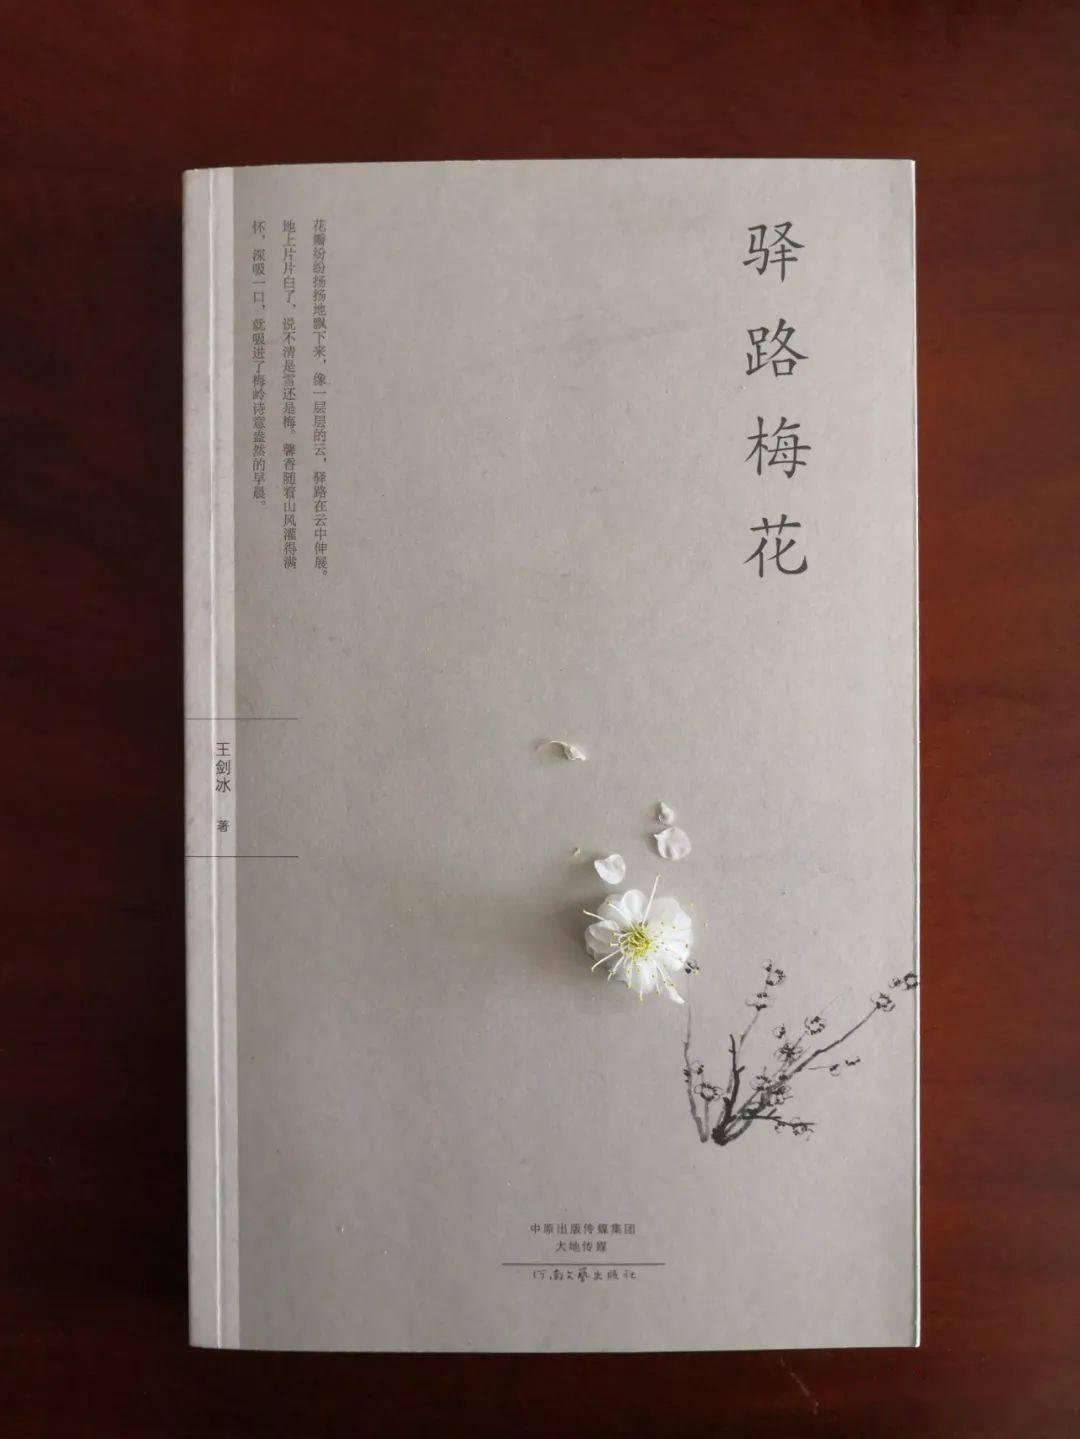 樱花动漫:读王剑冰先生的《驿路梅花》 网络快讯 第2张